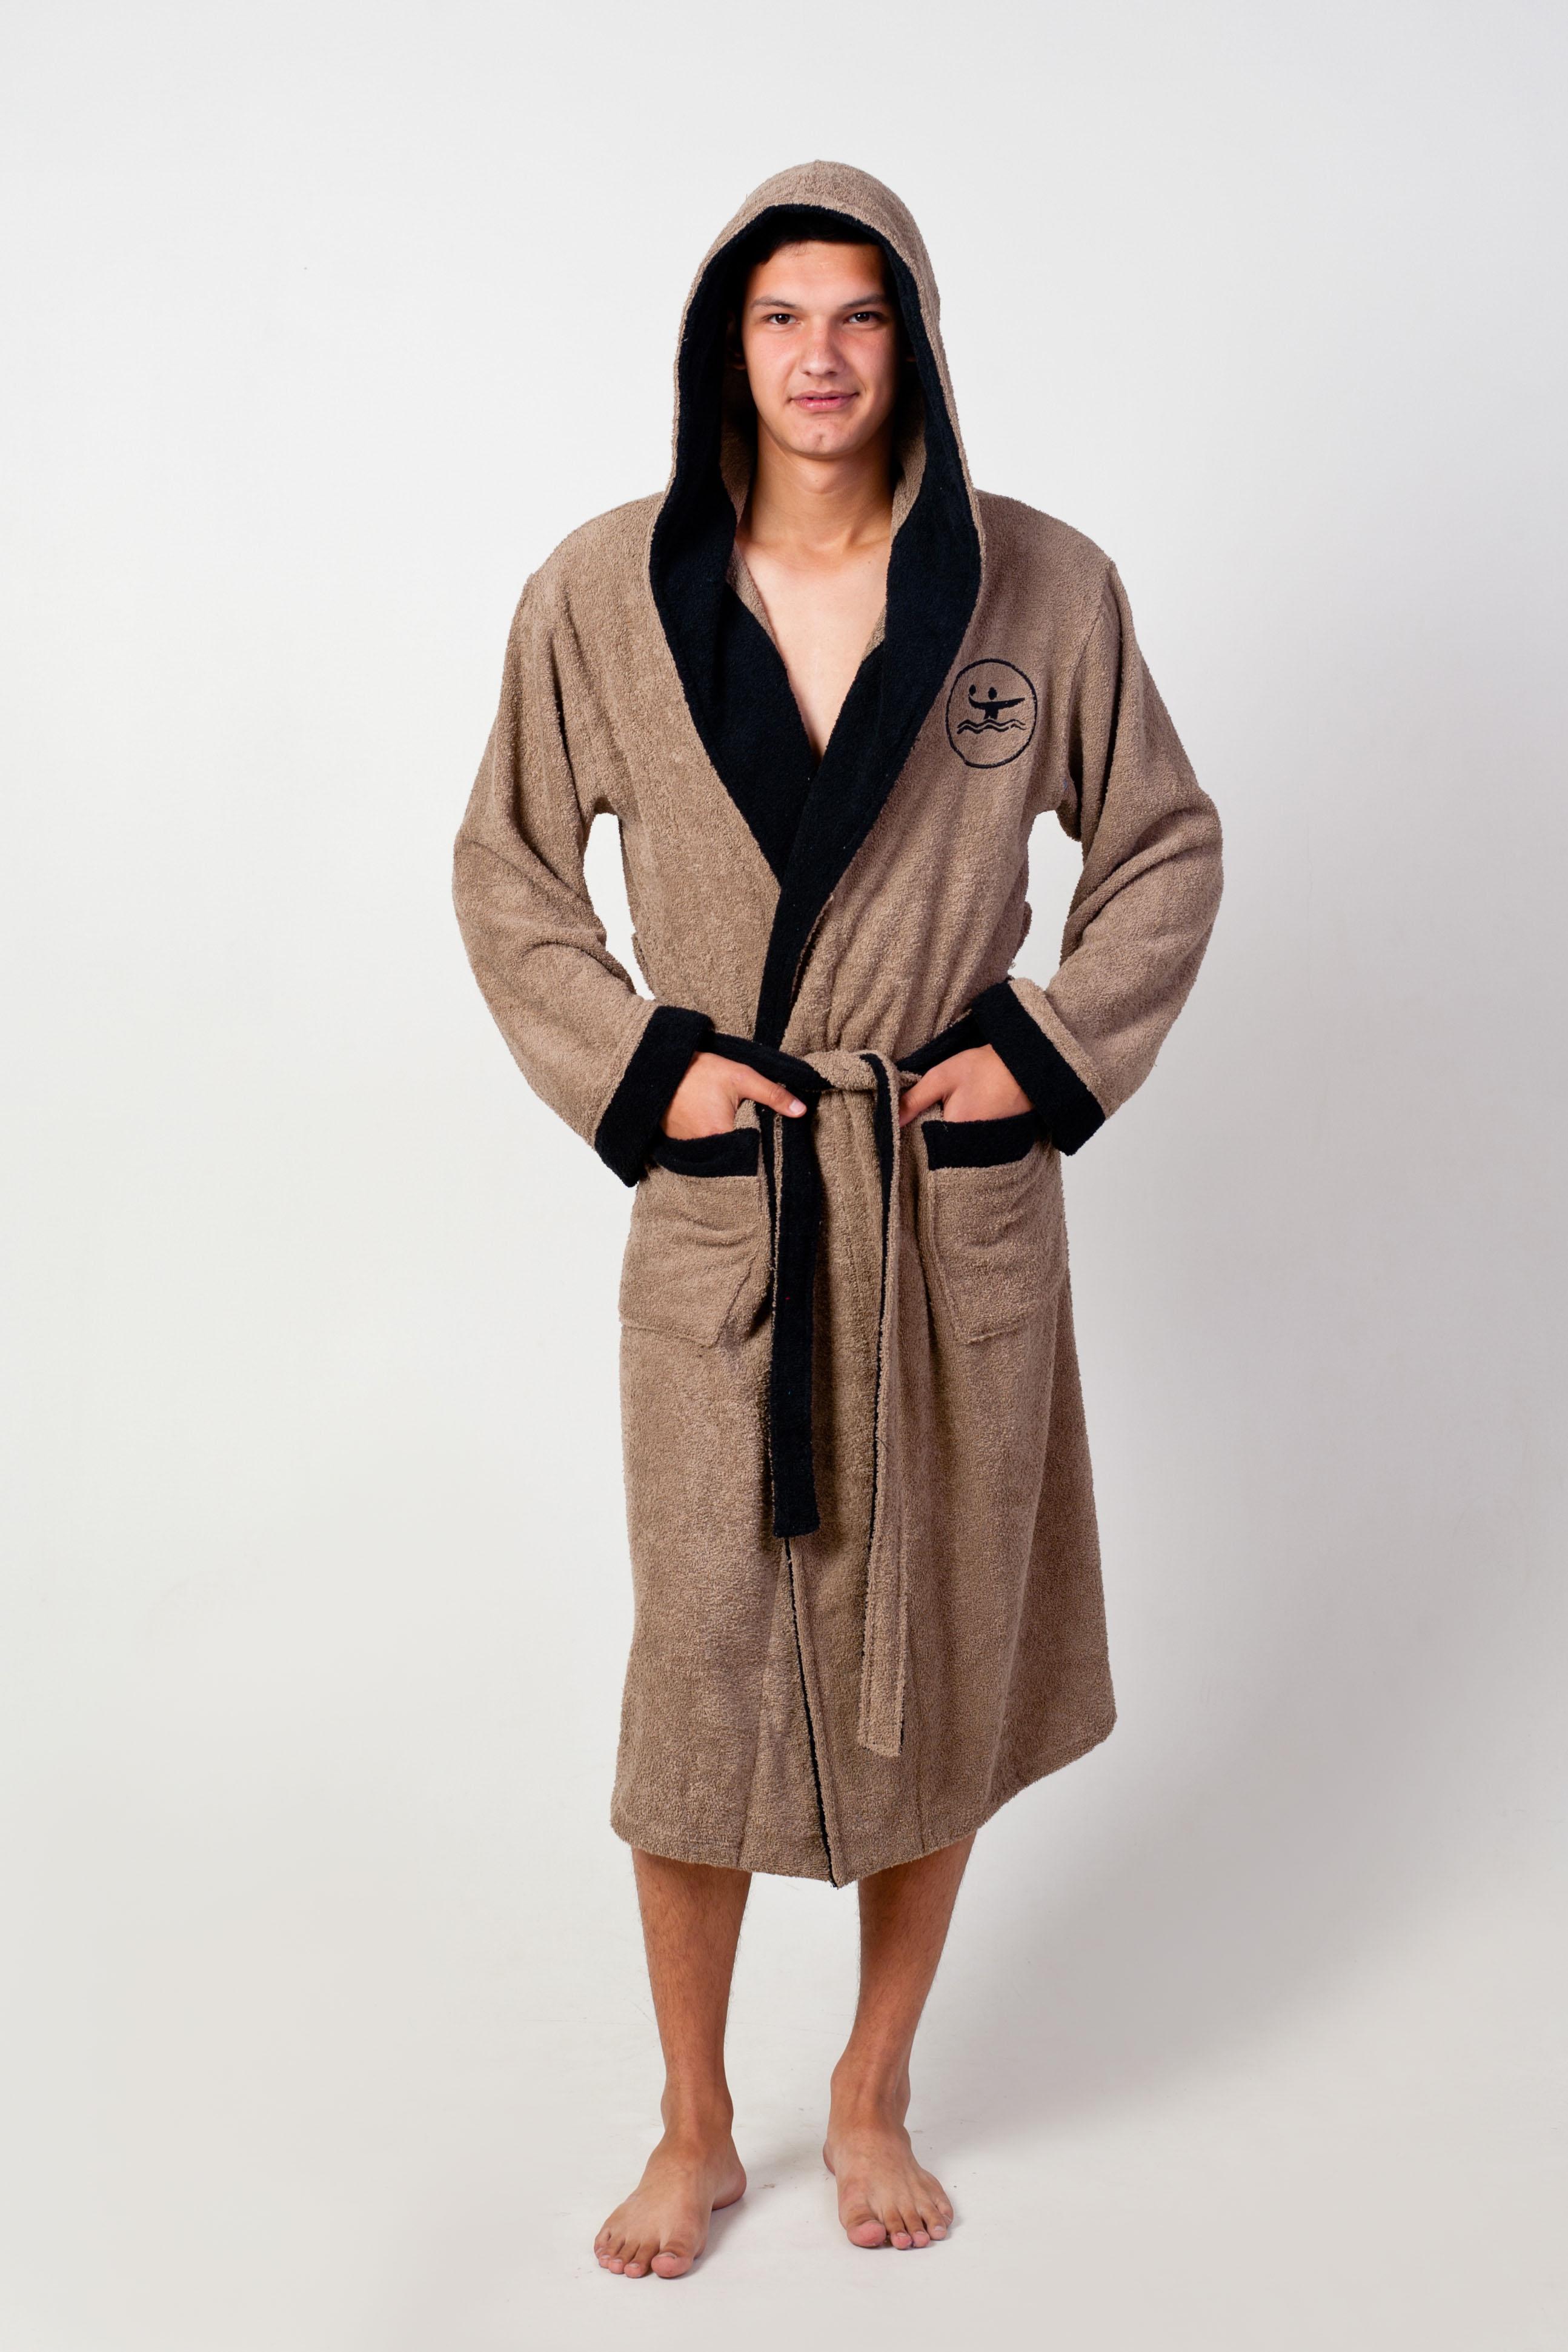 Халат мужской Пловец запашнойМужские халаты<br><br><br>Размер: 50